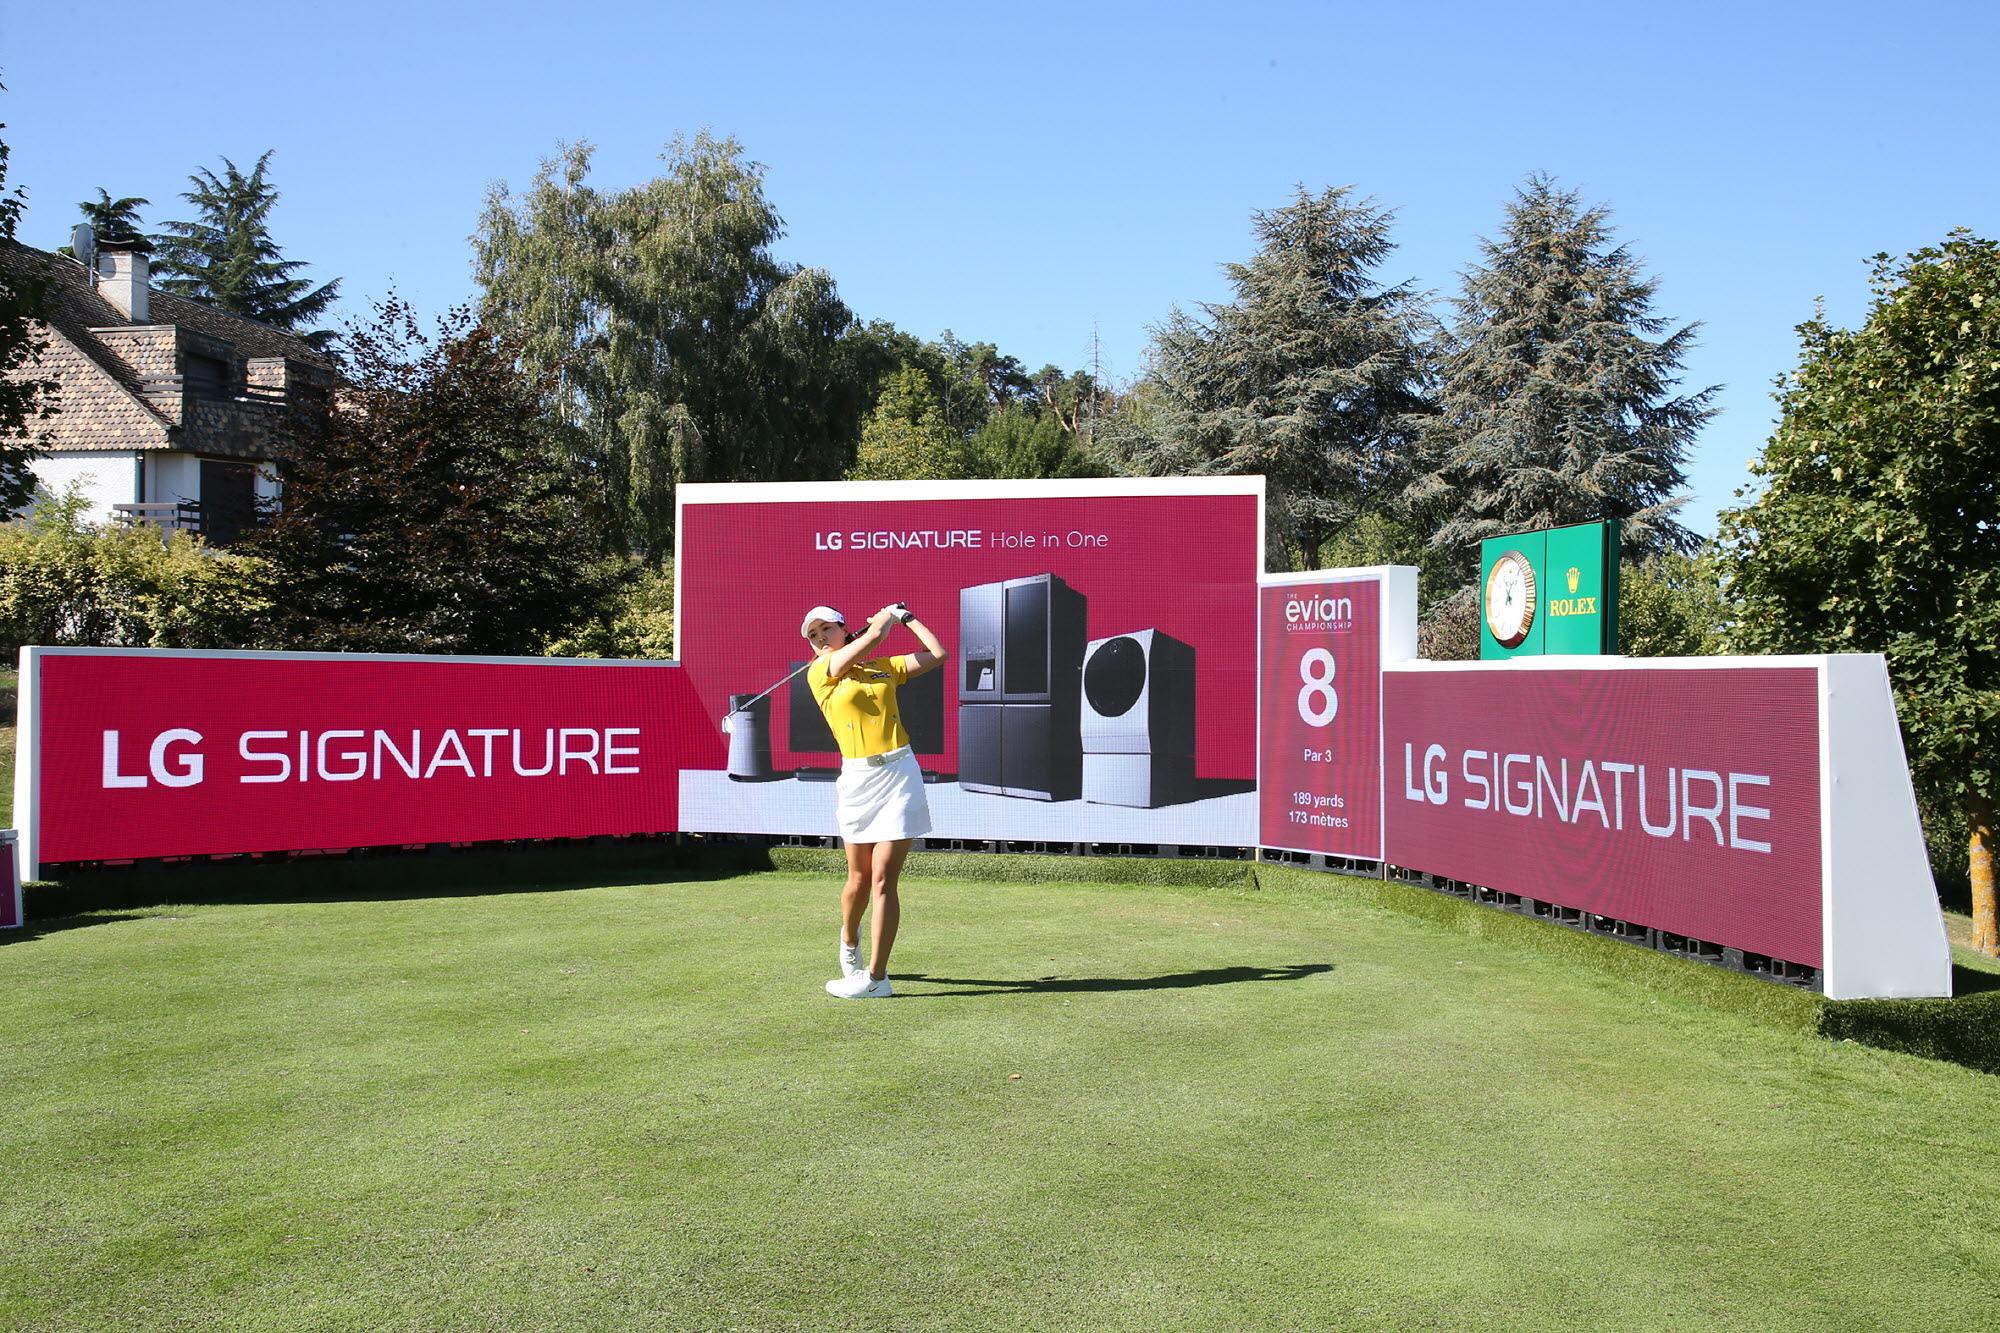 메이저 골프대회 '에비앙 챔피언십' 빛낸 超프리미엄 'LG 시그니처'_전인지: LG전자가 LPGA 메이저 골프대회인 '에비앙 챔피언십'에서 超프리미엄 'LG 시그니처'를 적극 알리고 있다. 대회 주최측은 이번 대회에서 8번 홀을 'LG 시그니처 홀'로 지정했다. LG전자는 8번 홀 주변에 대형 LED 스크린을 설치해 LG 시그니처 브랜드와 제품을 소개했다. 전인지 선수가 8번 홀인 'LG 시그니처홀'에서 스윙을 하고 있는 모습.